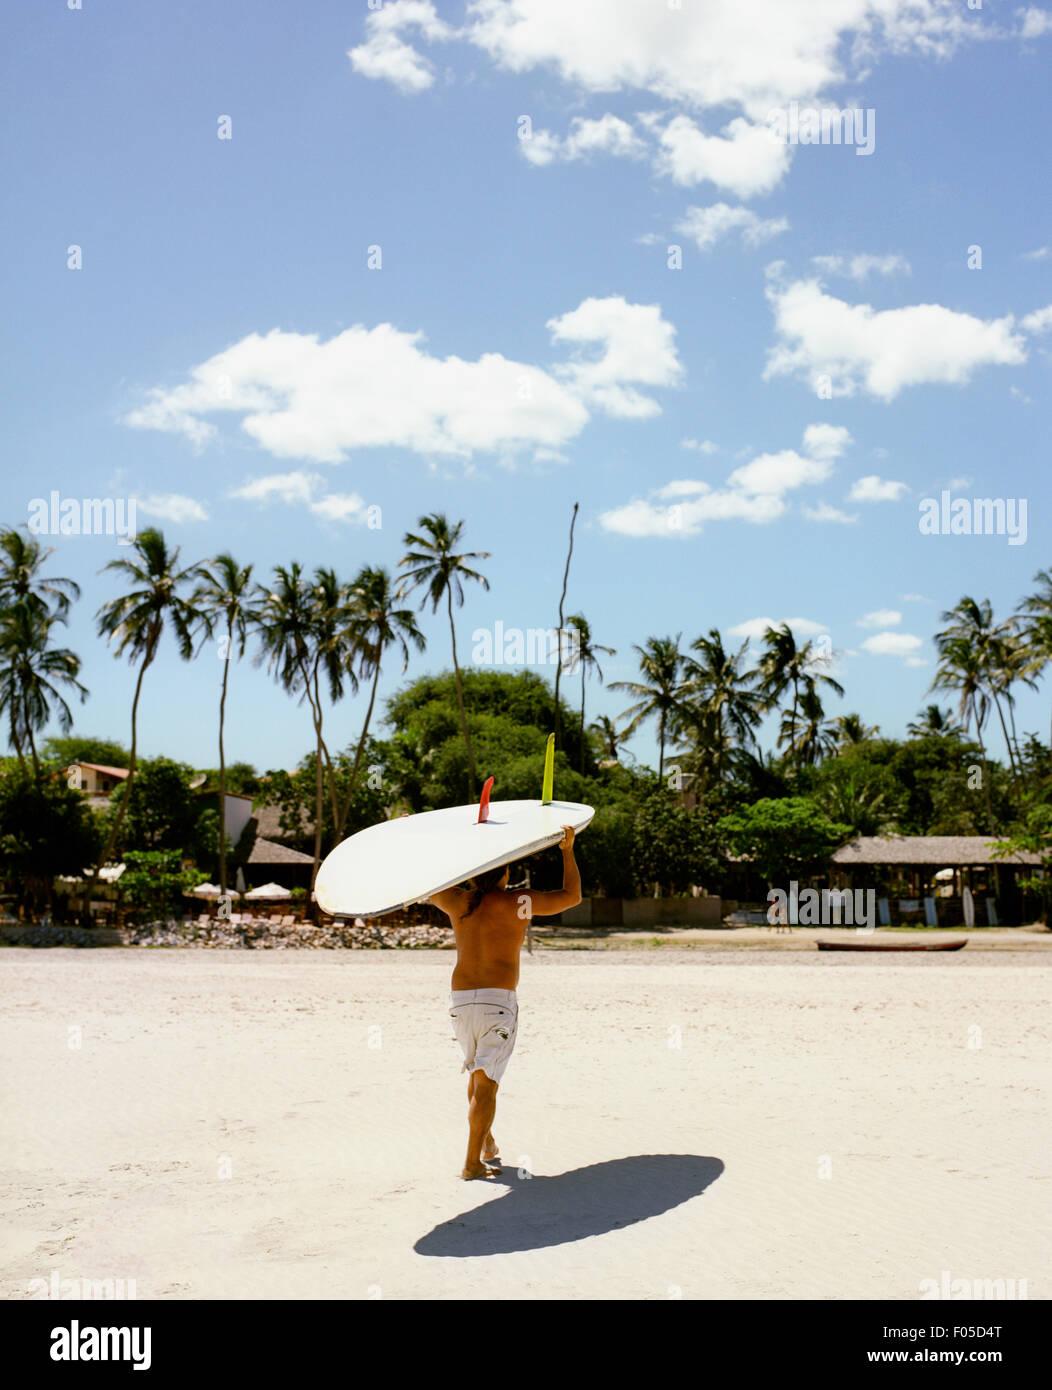 Un uomo porta la sua wind surf in pensione dall'oceano. Jericoacoara, Brasile. Immagini Stock